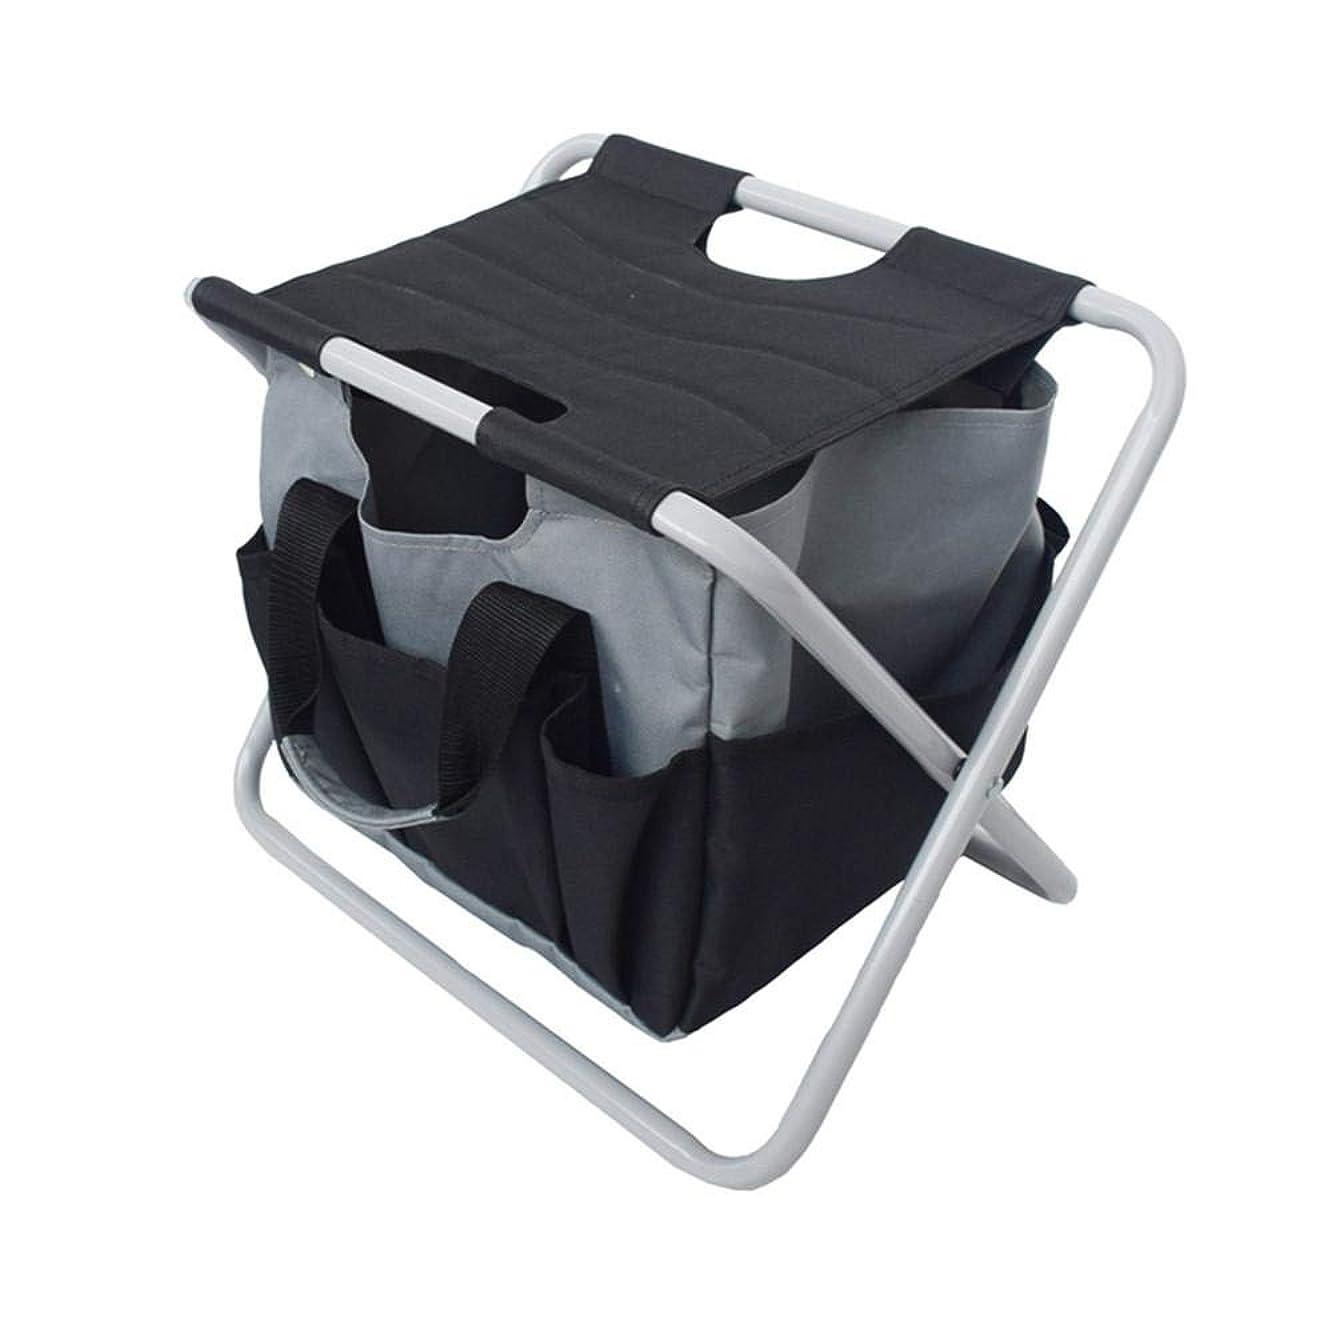 こっそり訪問ことわざポータブル折りたたみスツール 収納袋付き 多機能ポータブルキャンプ折りたたみスツール ガーデンツール 折りたたみ椅子 釣りスツール ビーチチェア 超軽量パッド入りバックパック ピクニック 頑丈なキャンプ 釣り